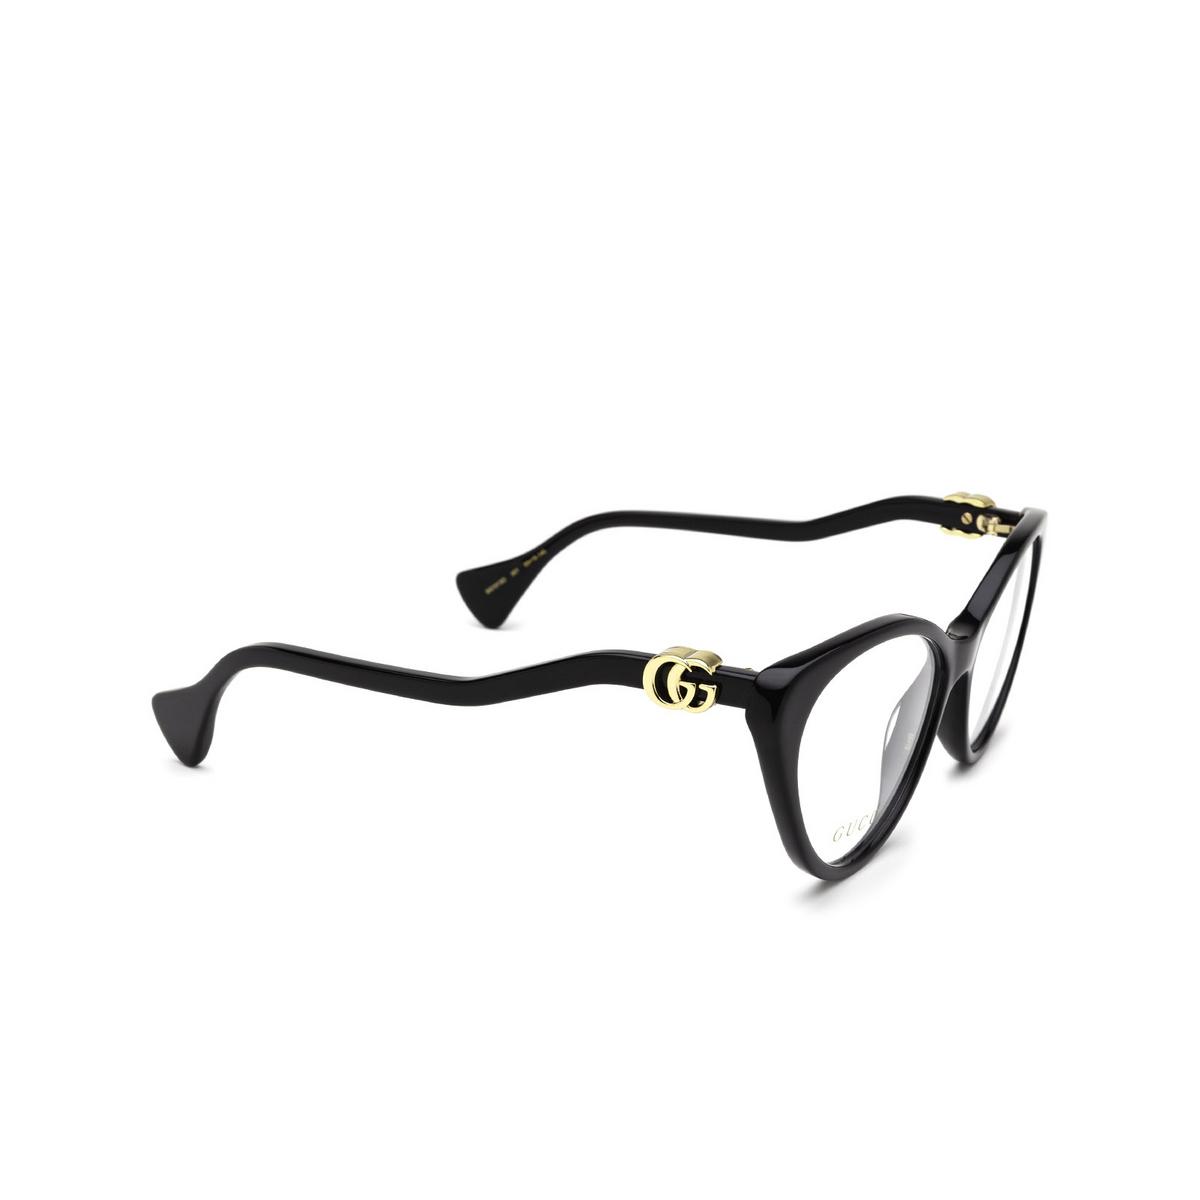 Gucci® Cat-eye Eyeglasses: GG1013O color Black 001 - three-quarters view.